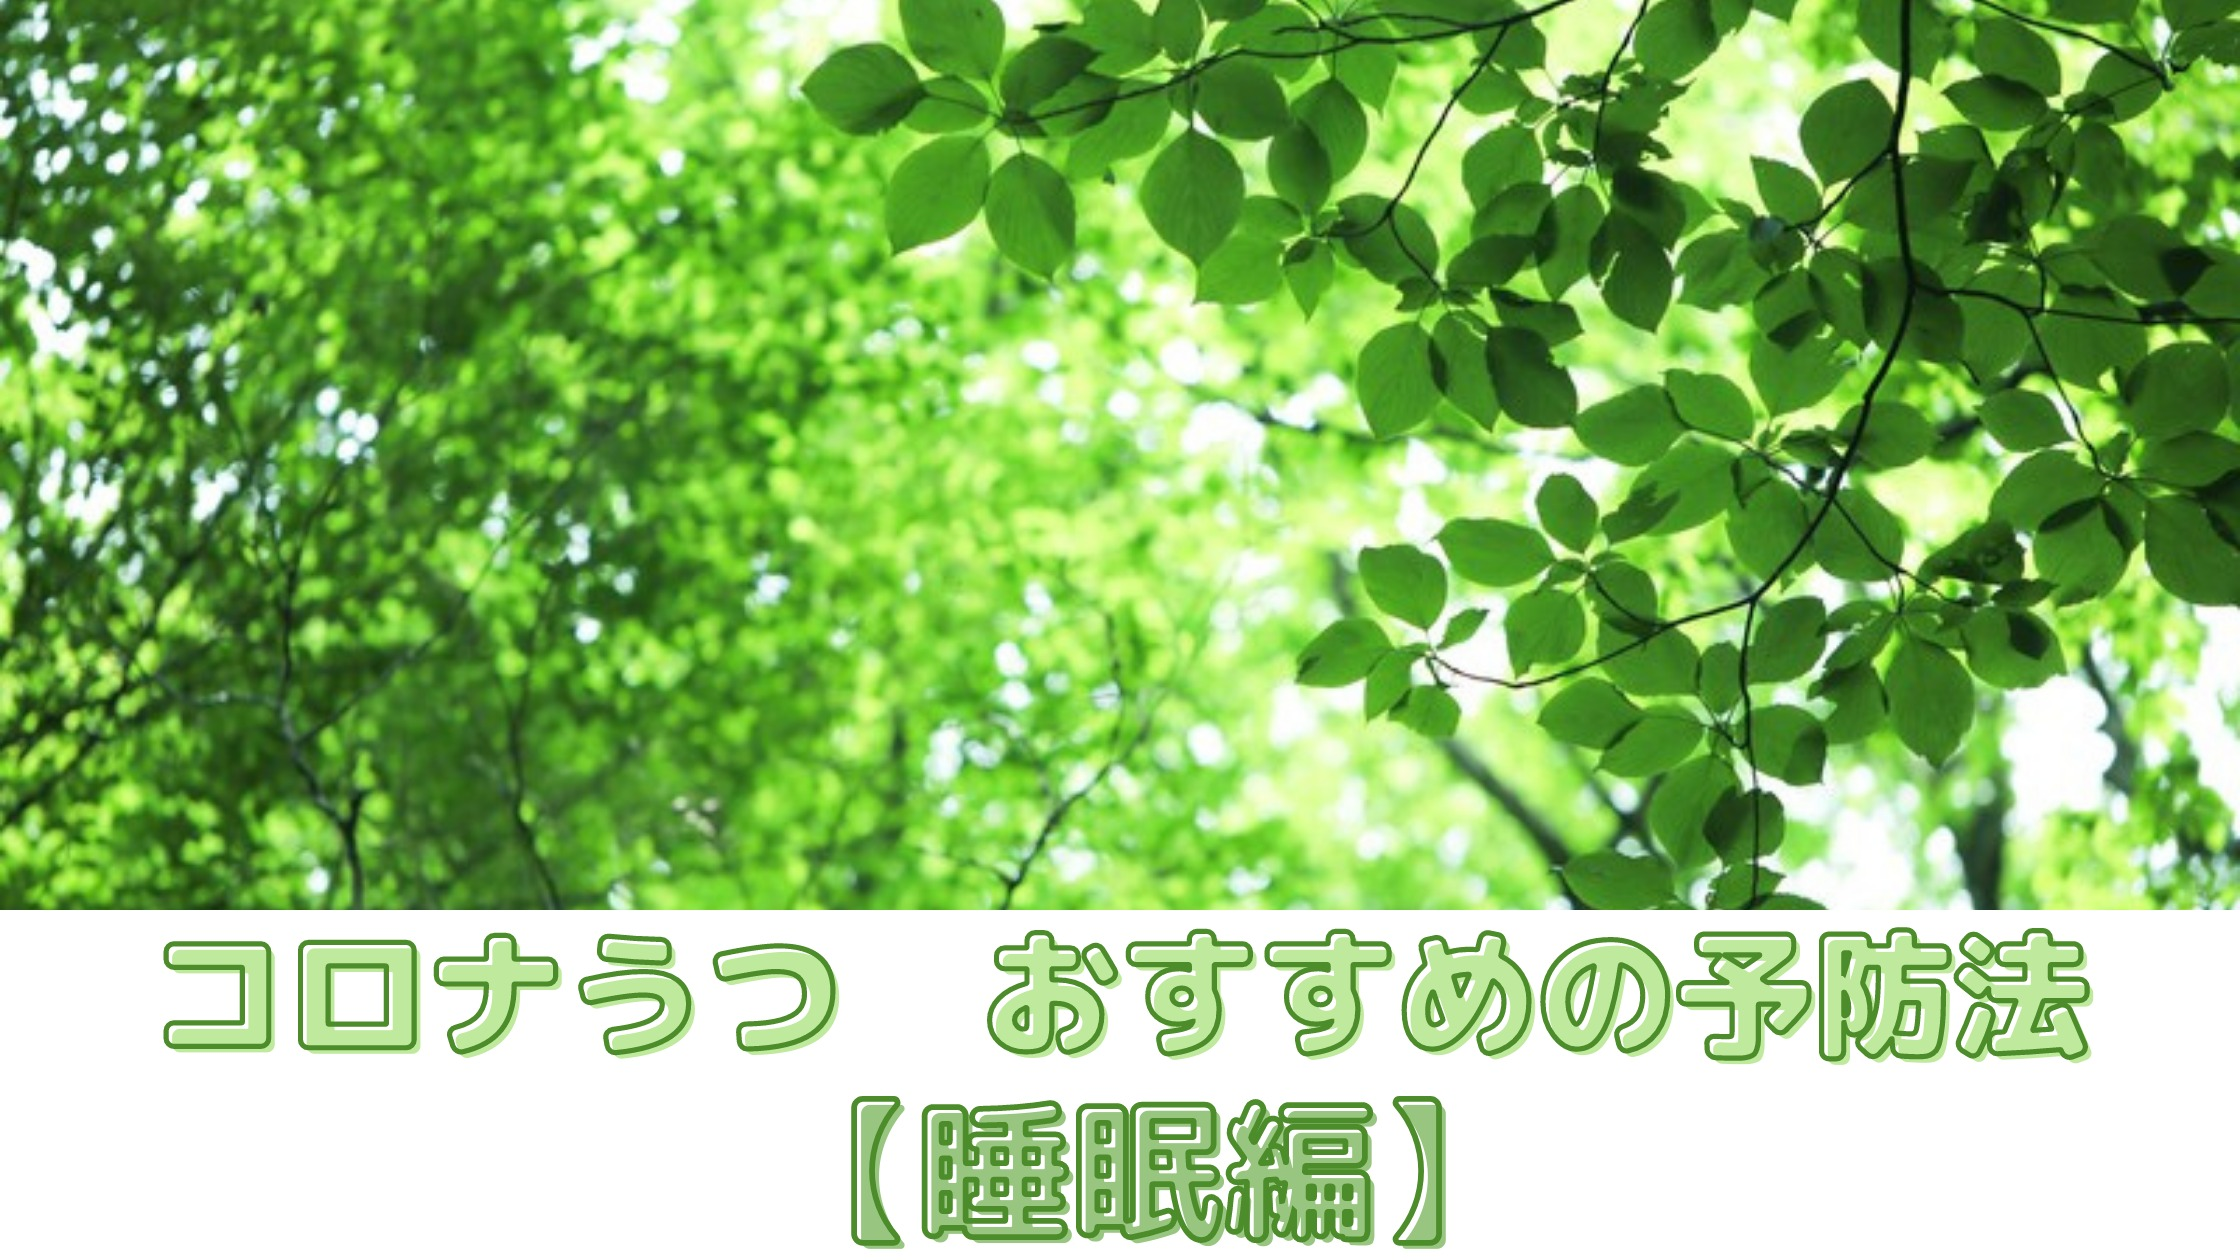 コロナうつ おすすめの予防法【睡眠編】